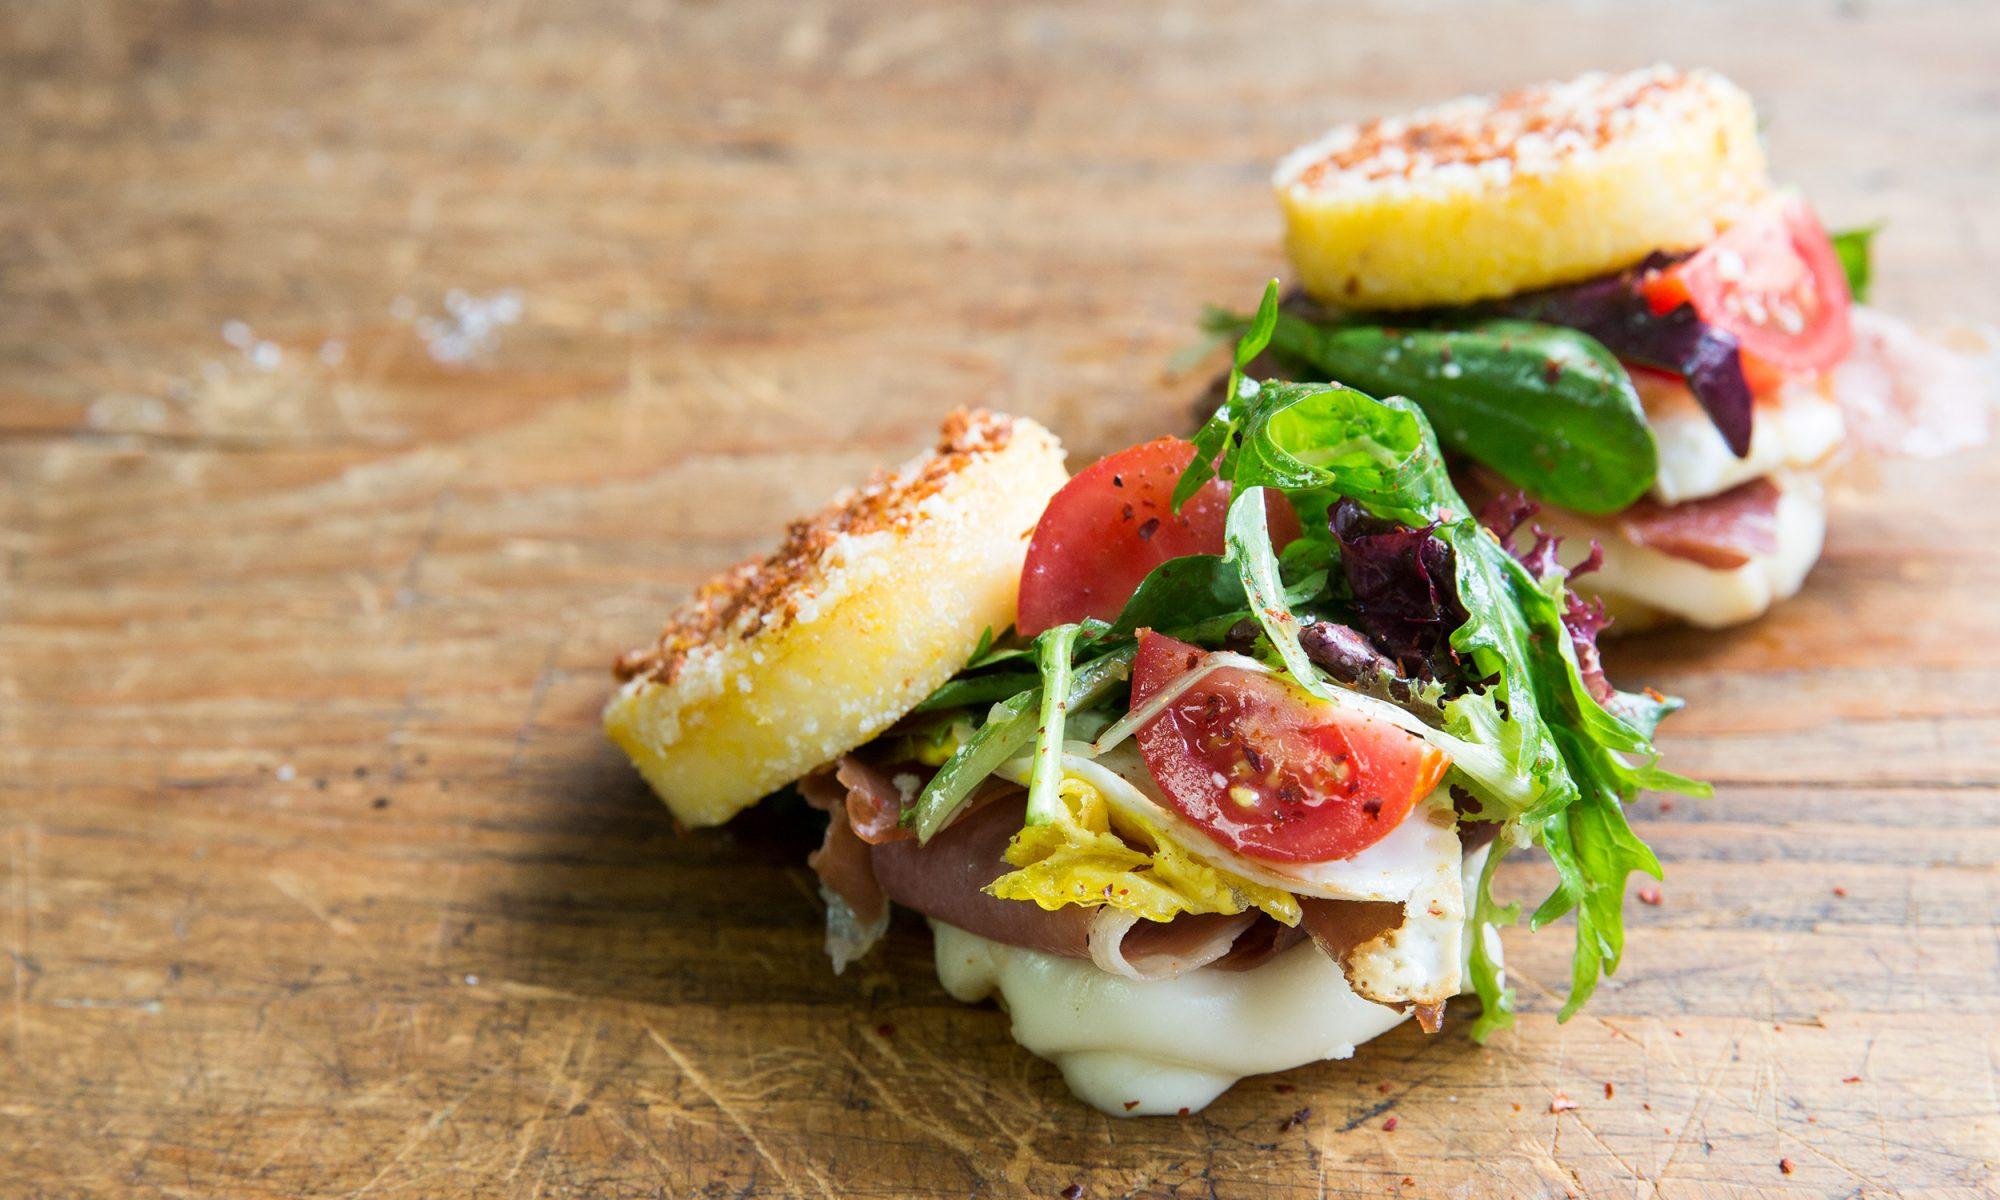 A New Breakfast Sandwich Recipe for Adventurous Chefs